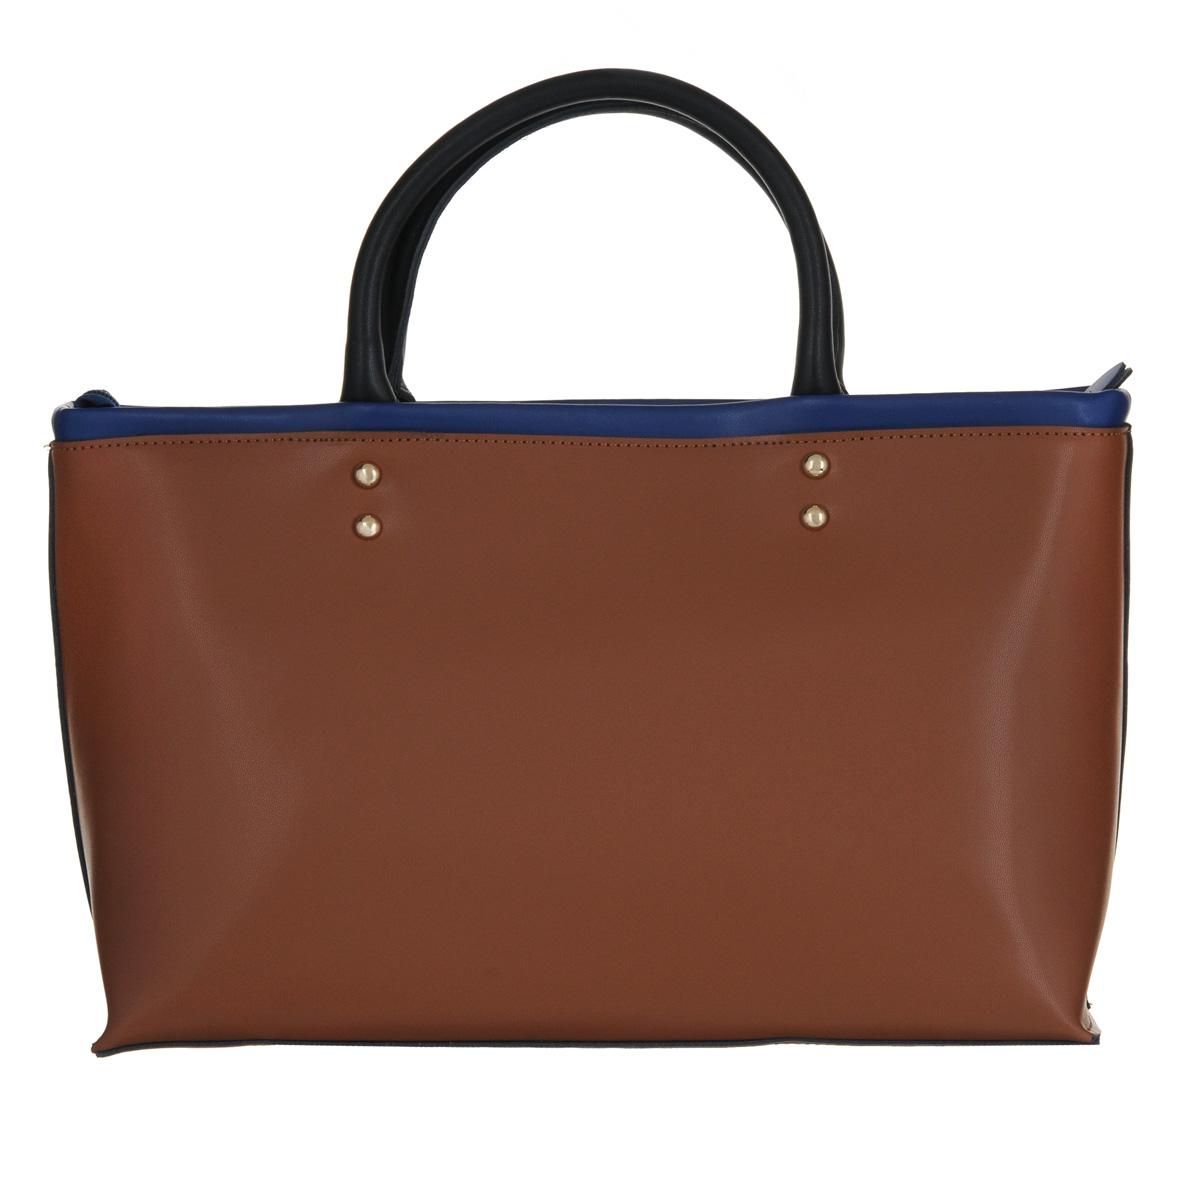 Сумка женская Fancys Bag, цвет: коричневый, синий. 13077-09/8213077-09/82Классическая женская сумка Fancys Bag изготовлена из натуральной кожи и исполнена в нескольких цветах. Ручки прочно крепятся к корпусу сумки на фурнитуру. Изделие закрывается на удобную застежку-молнию. Внутреннее вместительное отделение разделено средником на застежке-молнии, содержит два накладных кармашка для мелочей и врезной карман на застежке-молнии. В комплекте с сумкой - длинный съемный плечевой ремень. К изделию также прилагается фирменный текстильный чехол. Элегантная сумка займет достойное место среди вашей коллекции аксессуаров и подчеркнет ваш безупречный вкус.